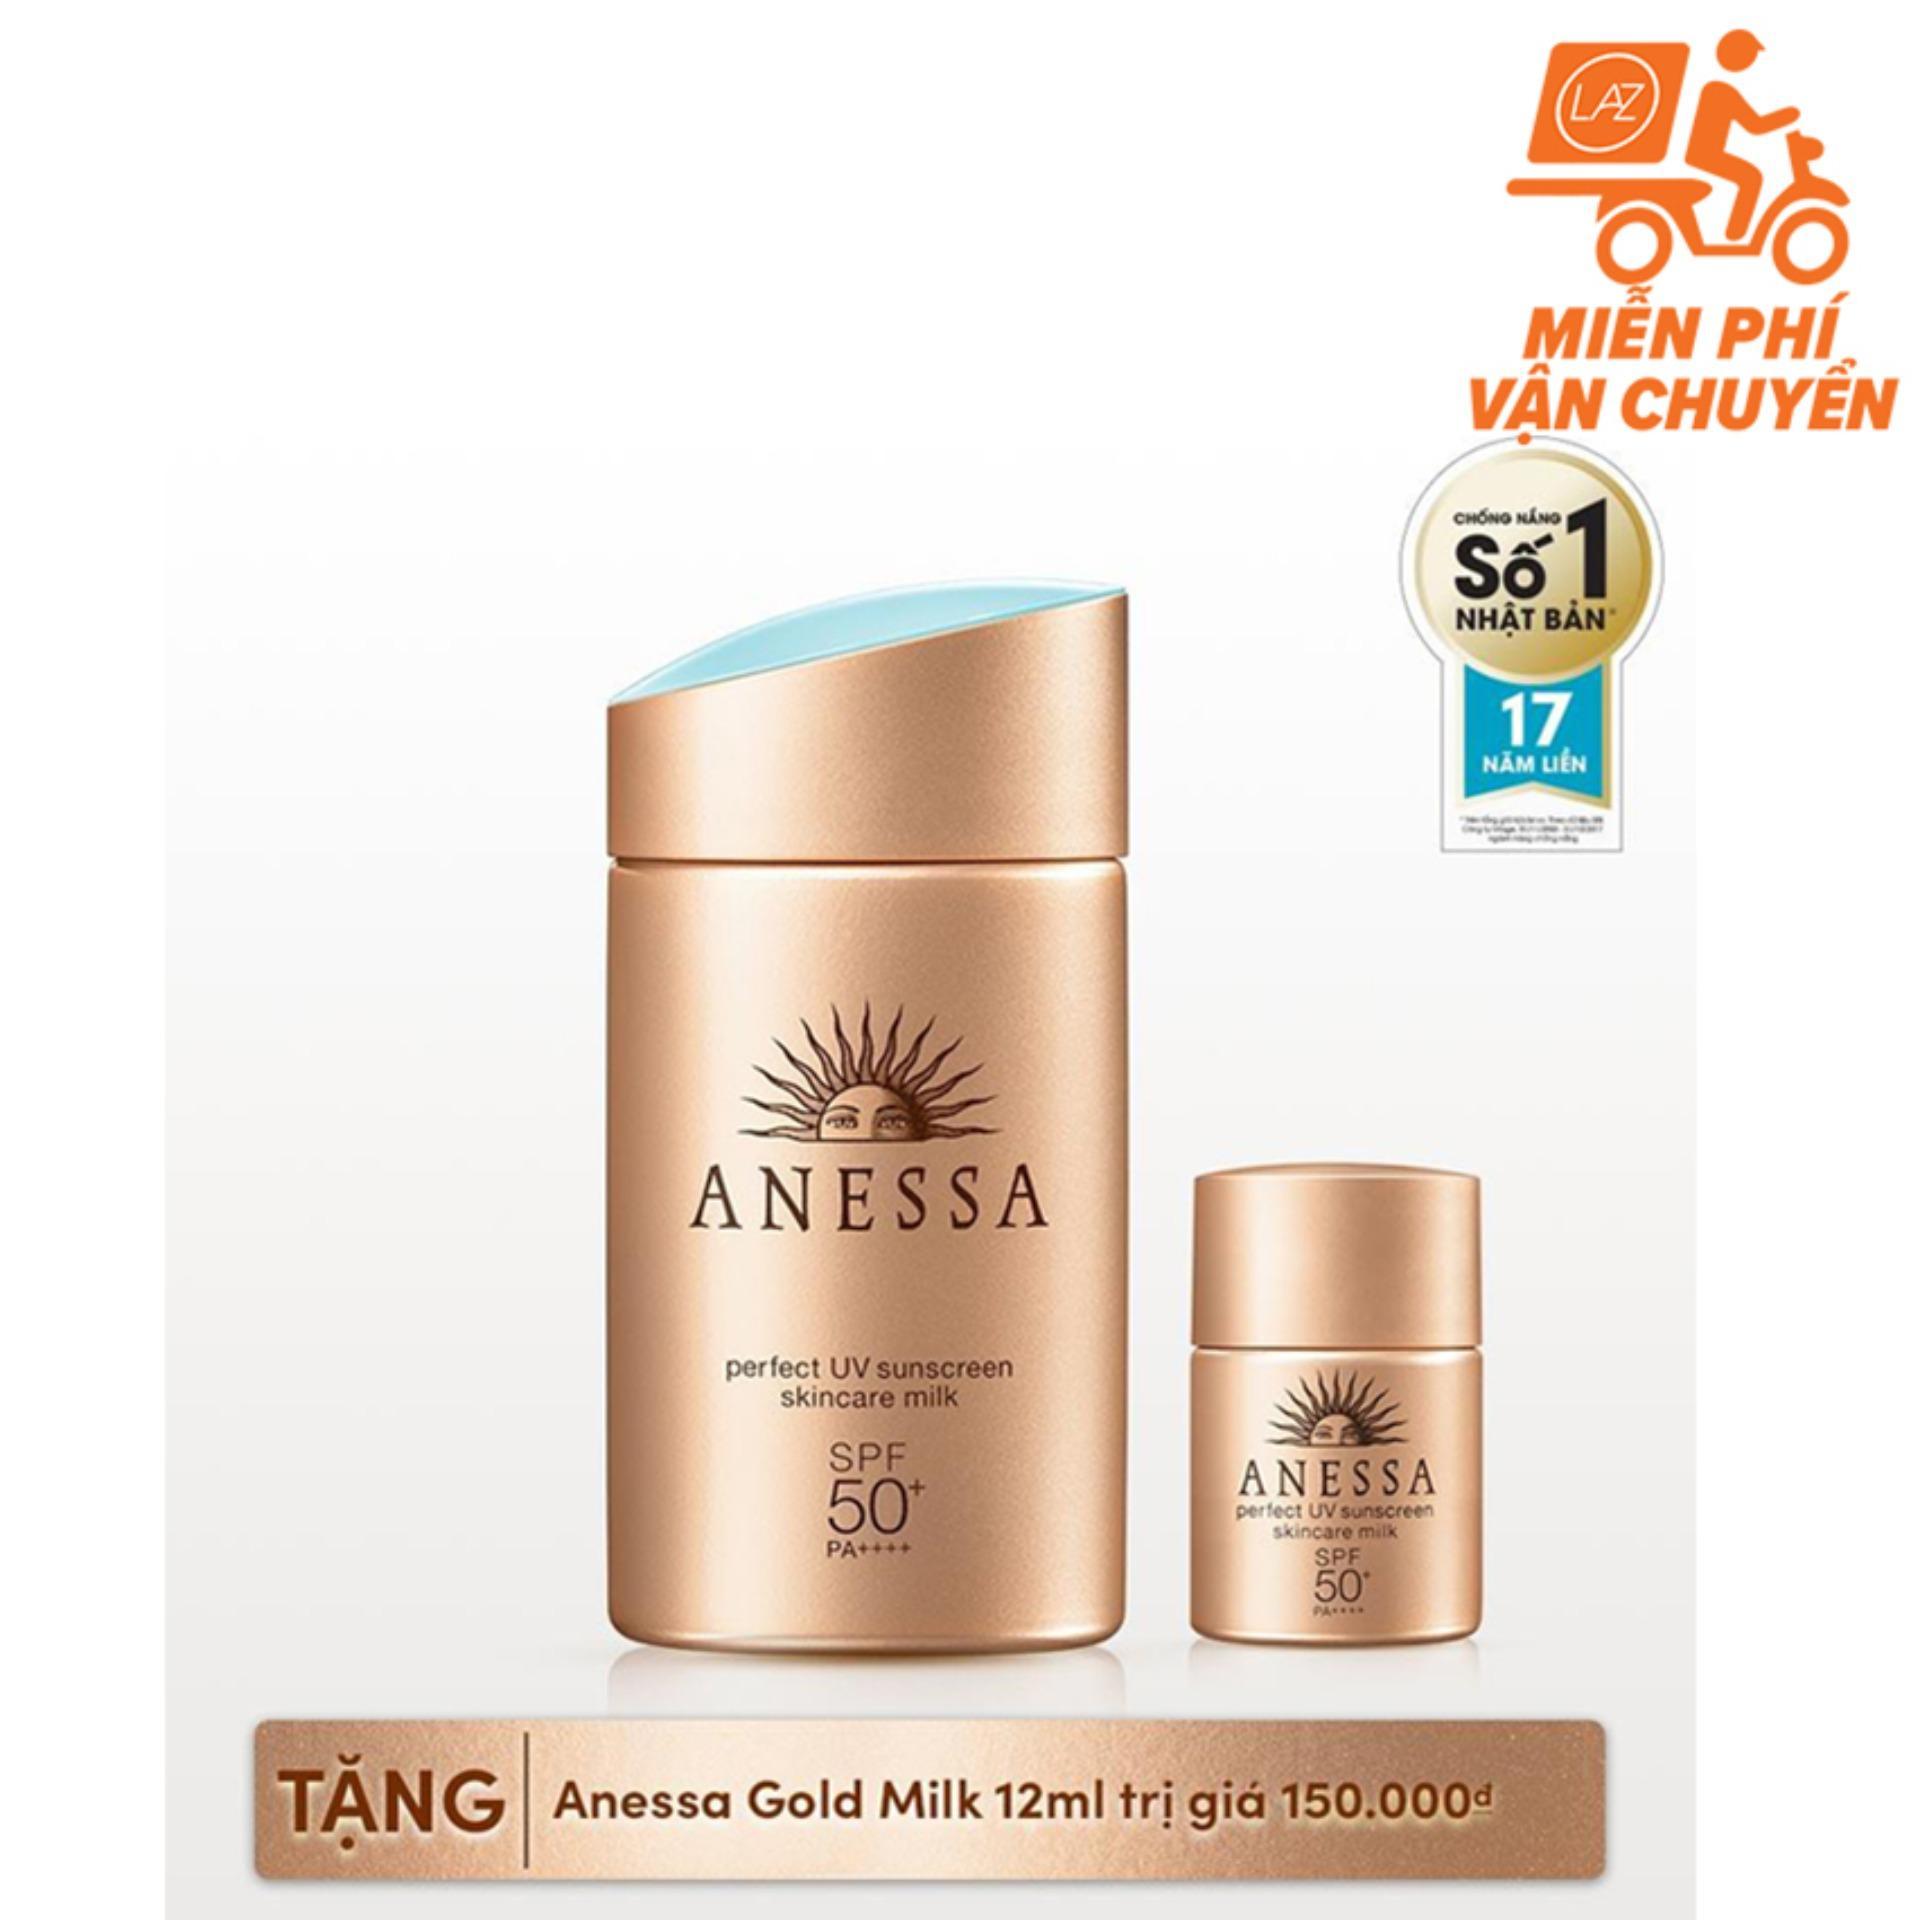 Giá Bán Sữa Chống Nắng Bảo Vệ Hoan Hảo Anessa Perfect Uv Sunscreen Skincare Milk Spf 50 Pa 60Ml Tặng Gold Milk 12Ml Trị Gia 150 000 Mới